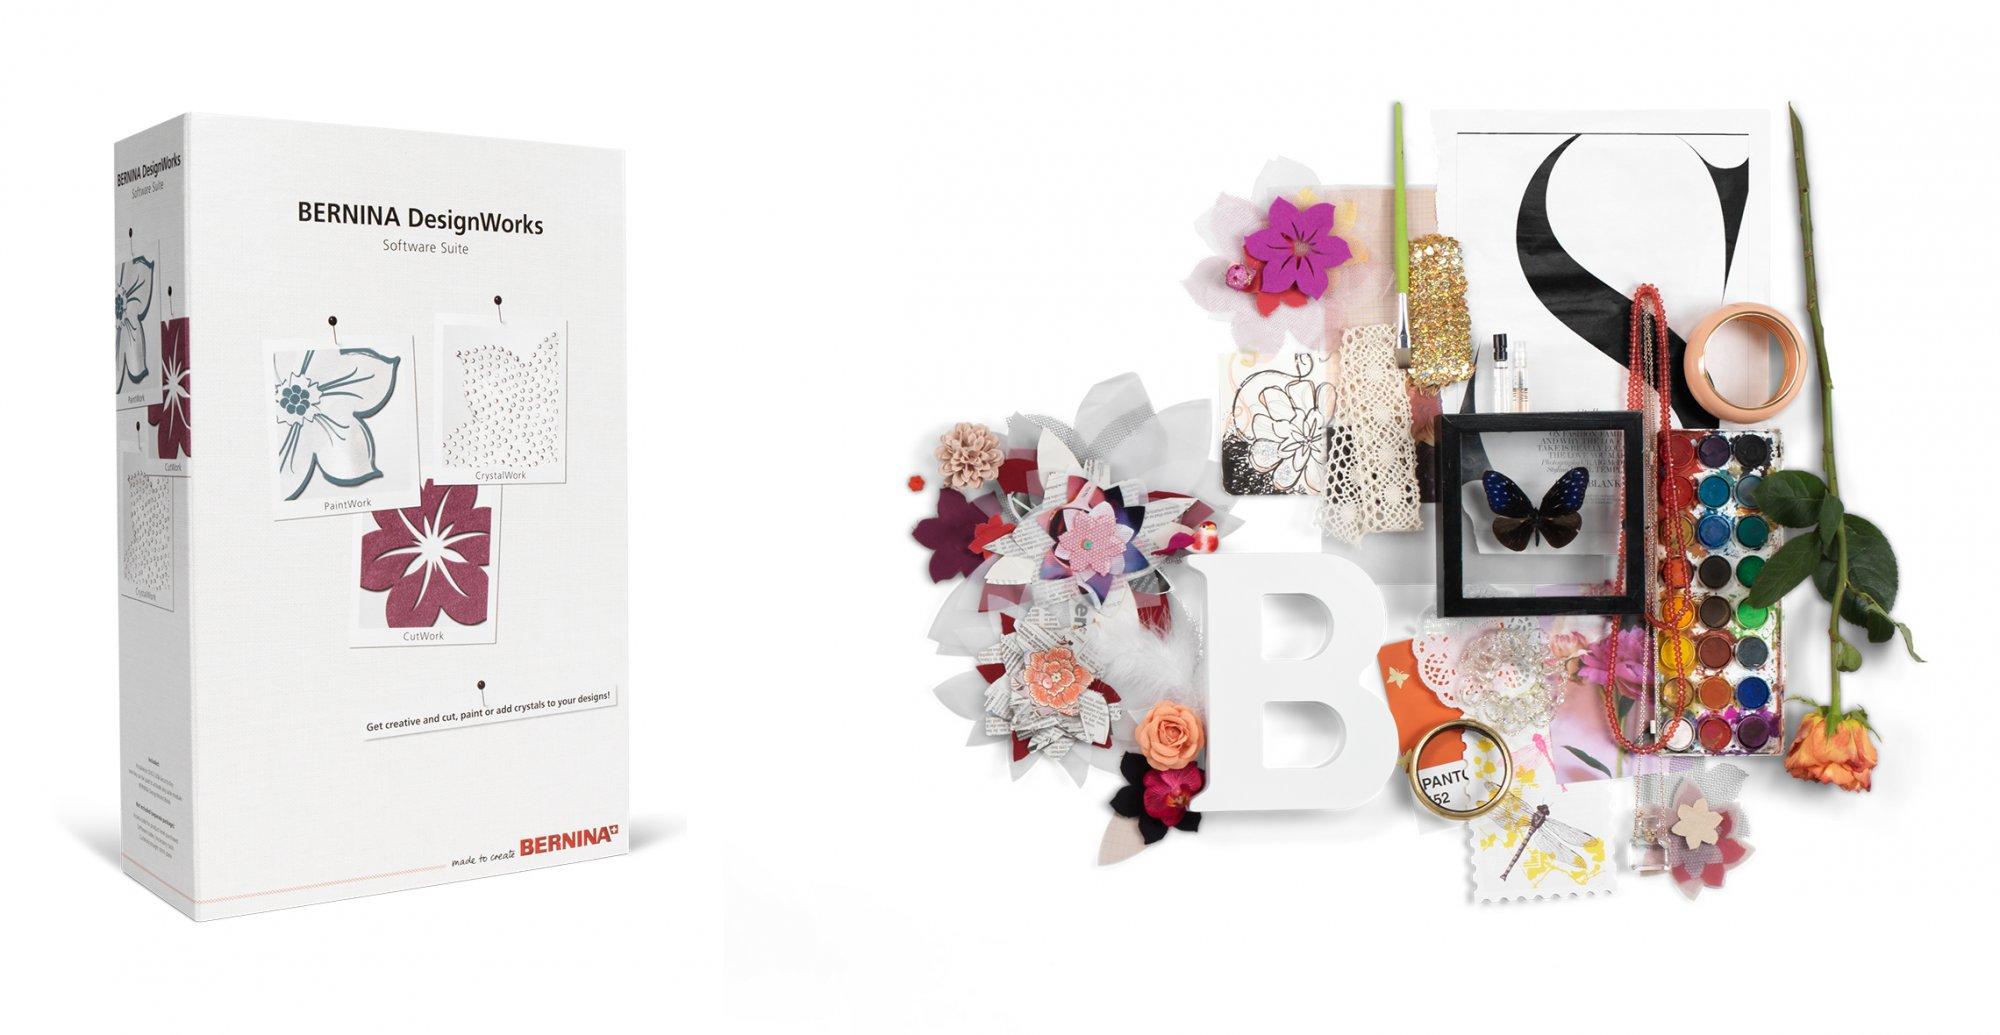 BERNINA DesignWorks Suite